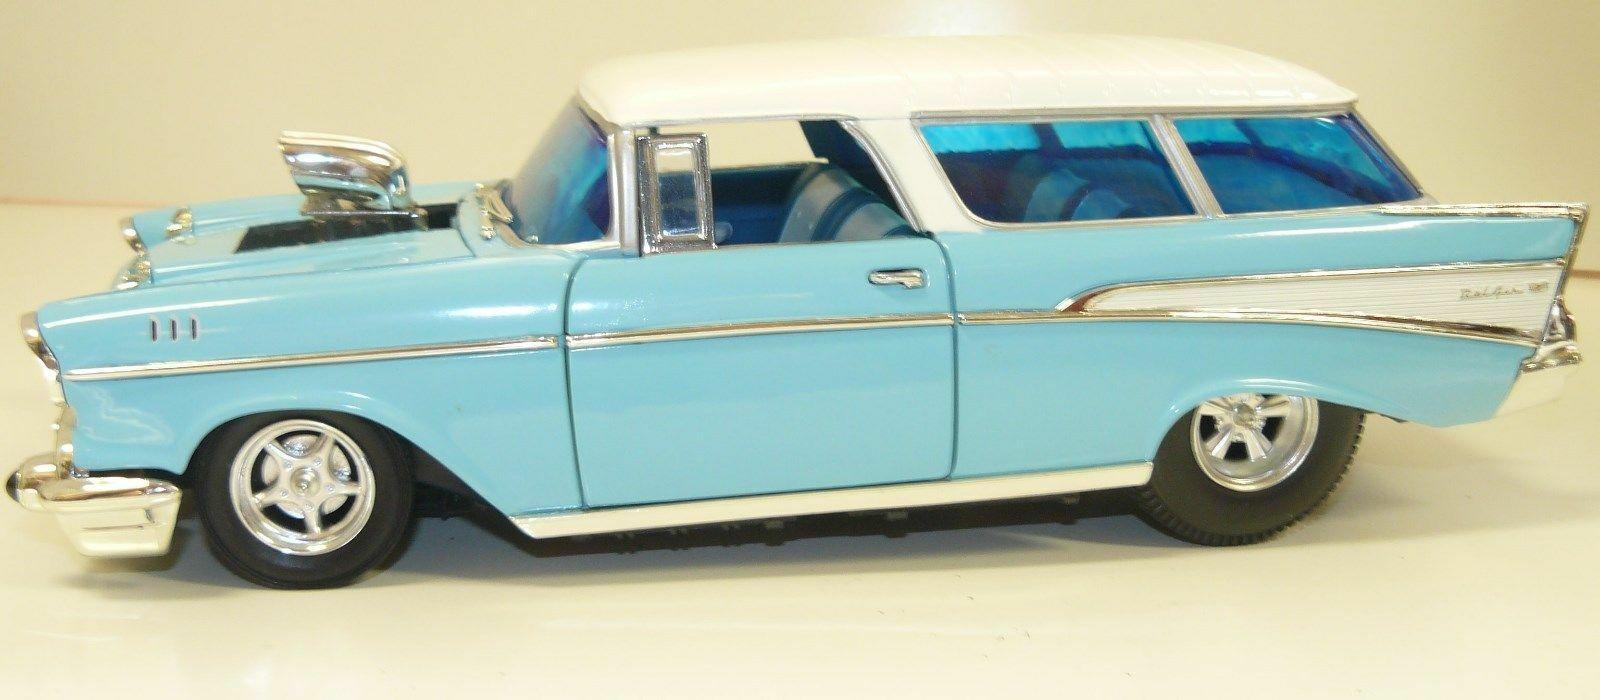 entrega rápida 1 18, hecho hecho hecho a medida 1957 Chevrolet Nomad Gasser, Arrastre coche,  precios bajos todos los dias